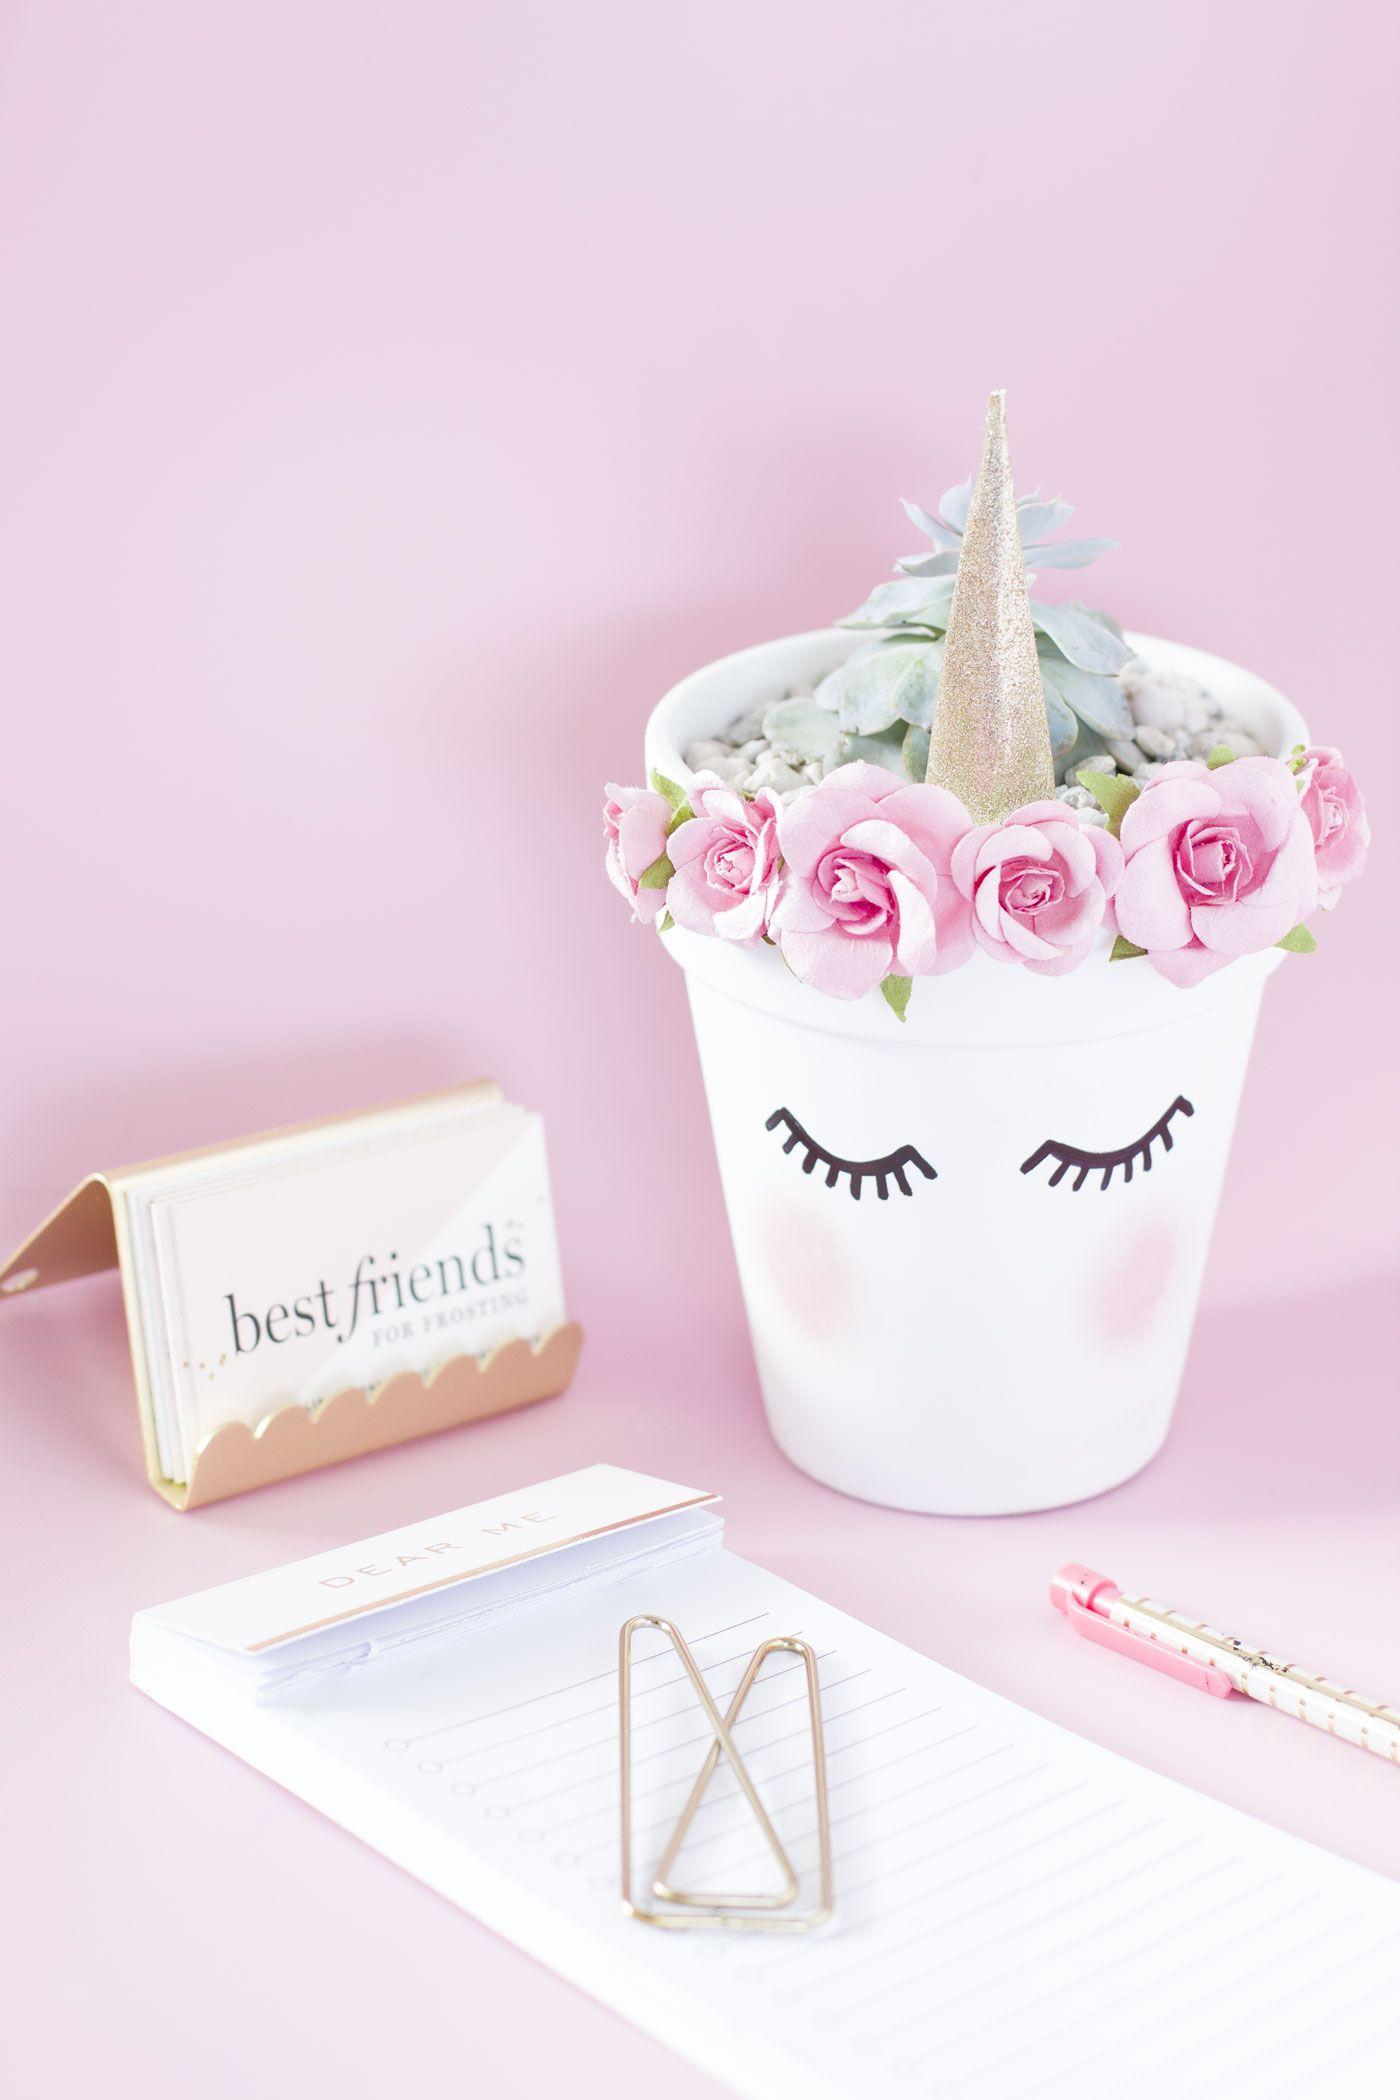 Diy unicorn planter quiero unicornios y unicornio - Blog de manualidades y decoracion ...